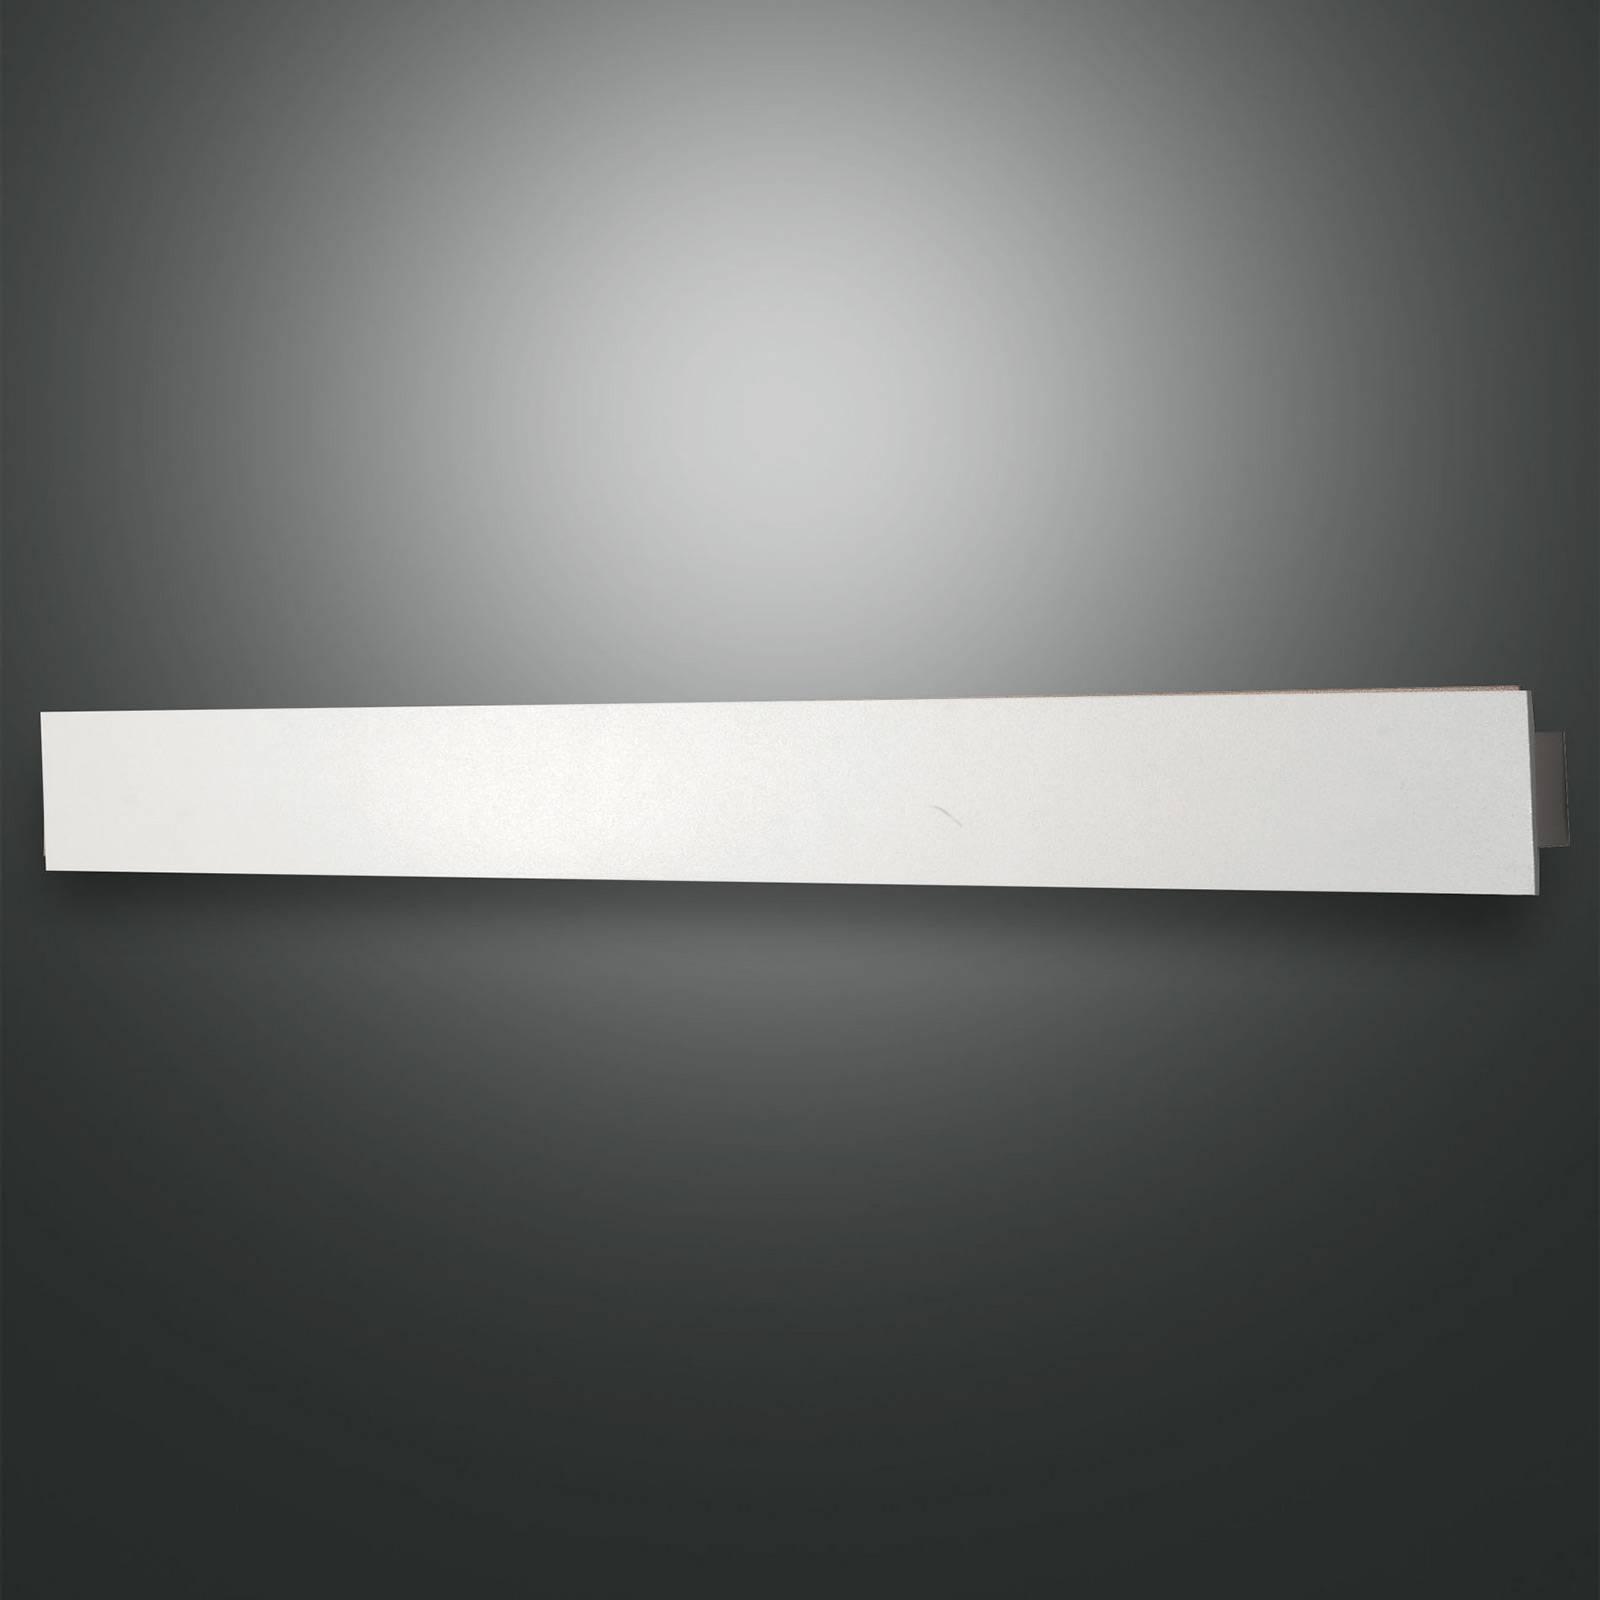 LED-Wandleuchte Lotus, weiß, 93 cm lang